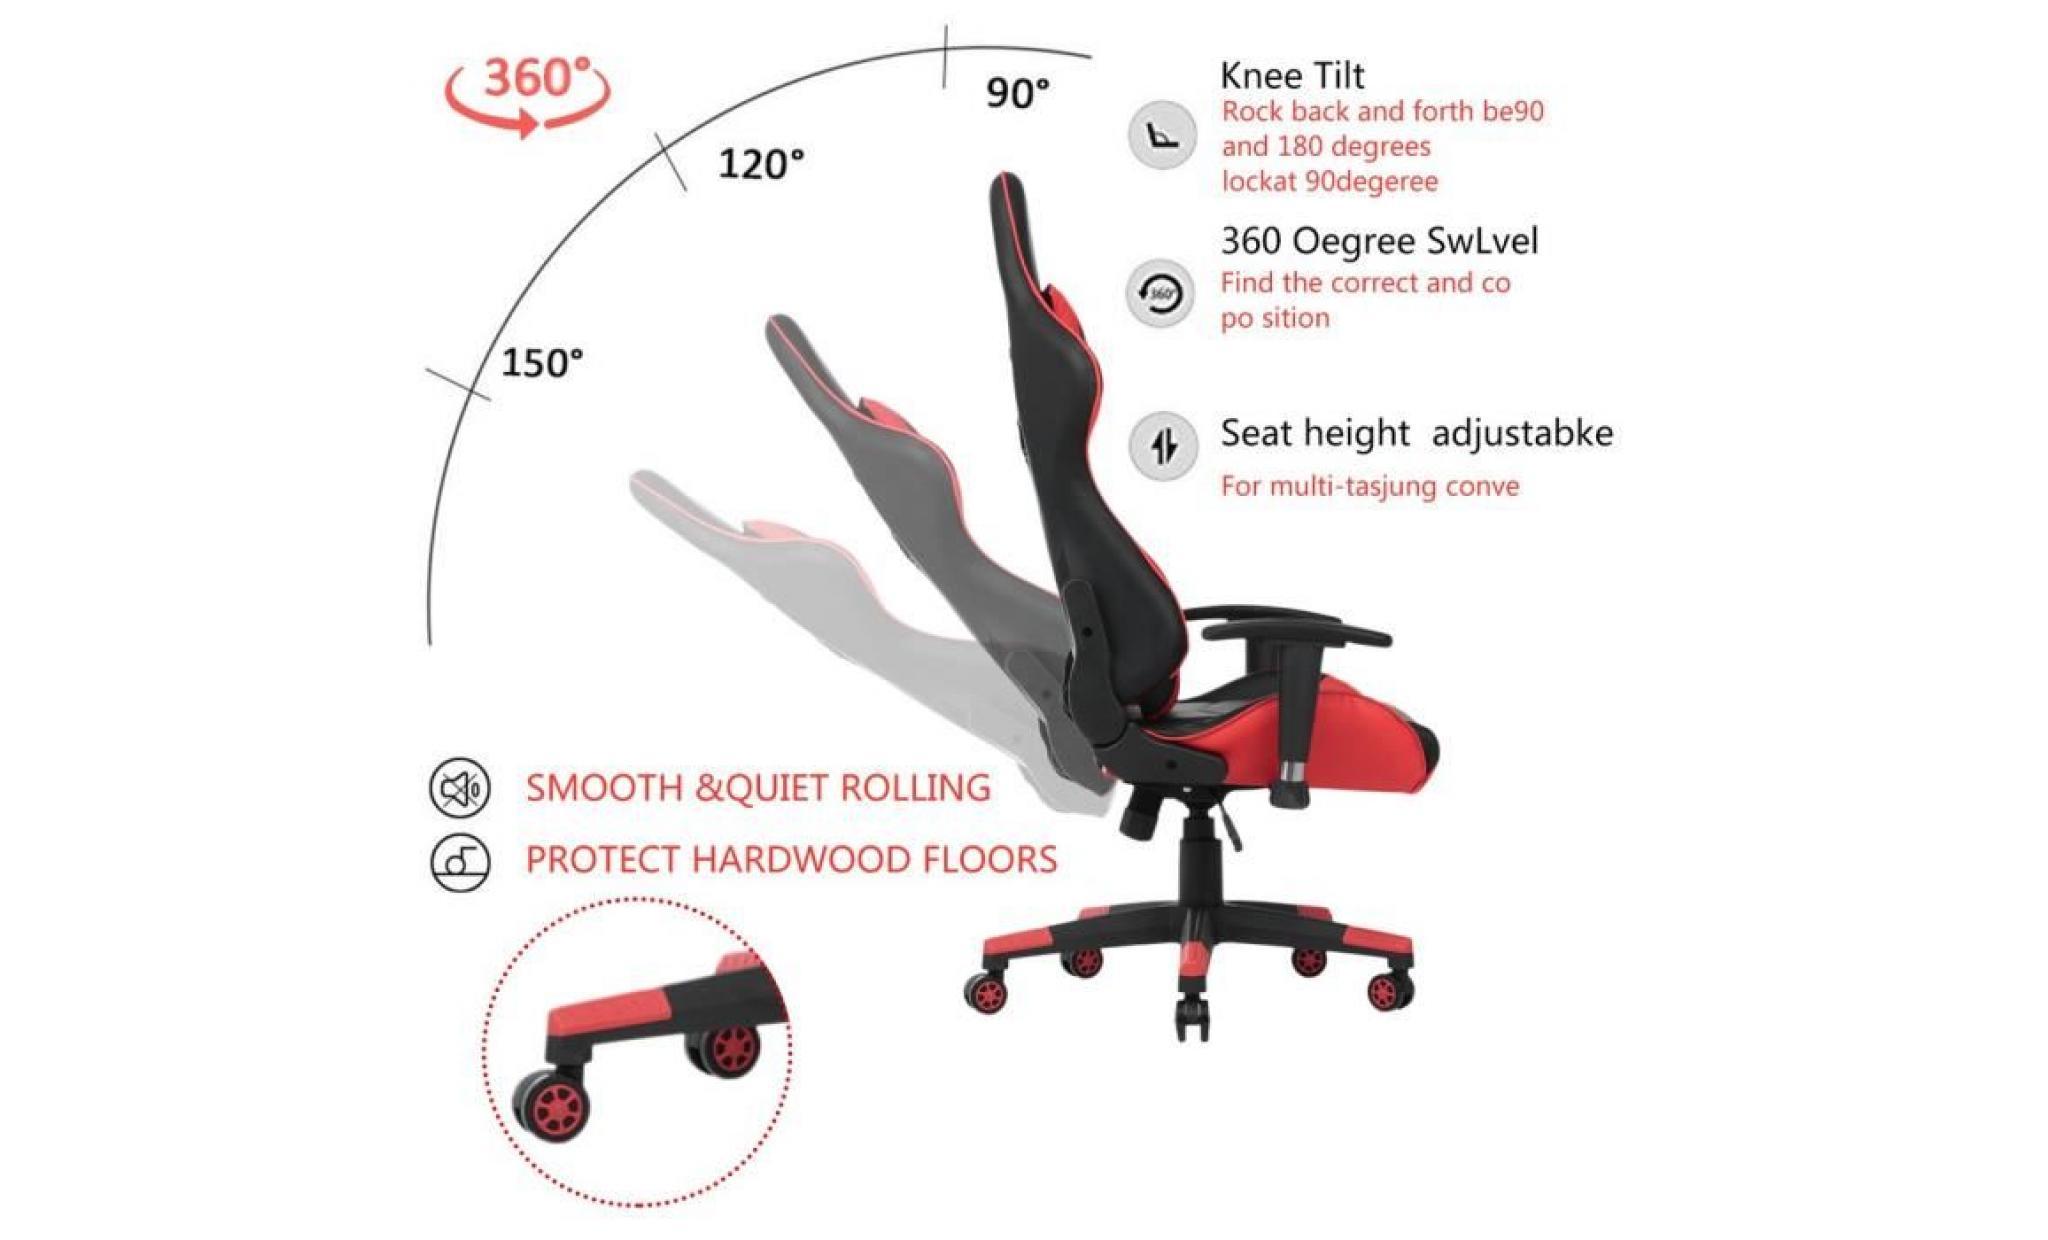 Plaisir Ultime Pour Vous ~ Chaise De Jeu Avec Rotation De 360 Degrés  Fauteuil De Bureau Rouge à 90 Degrés Jeux